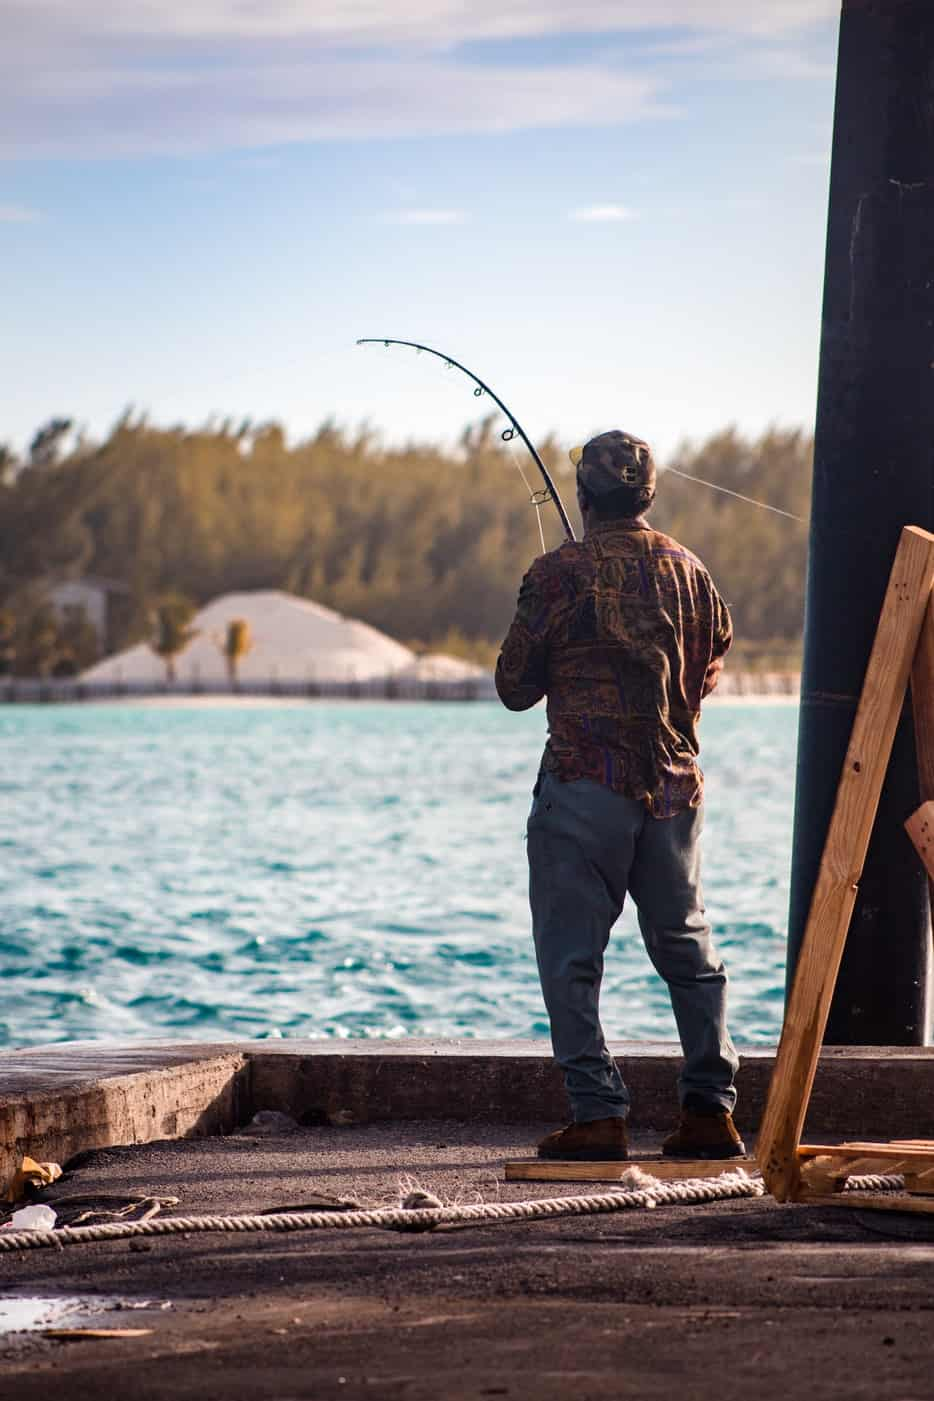 a peron fishing